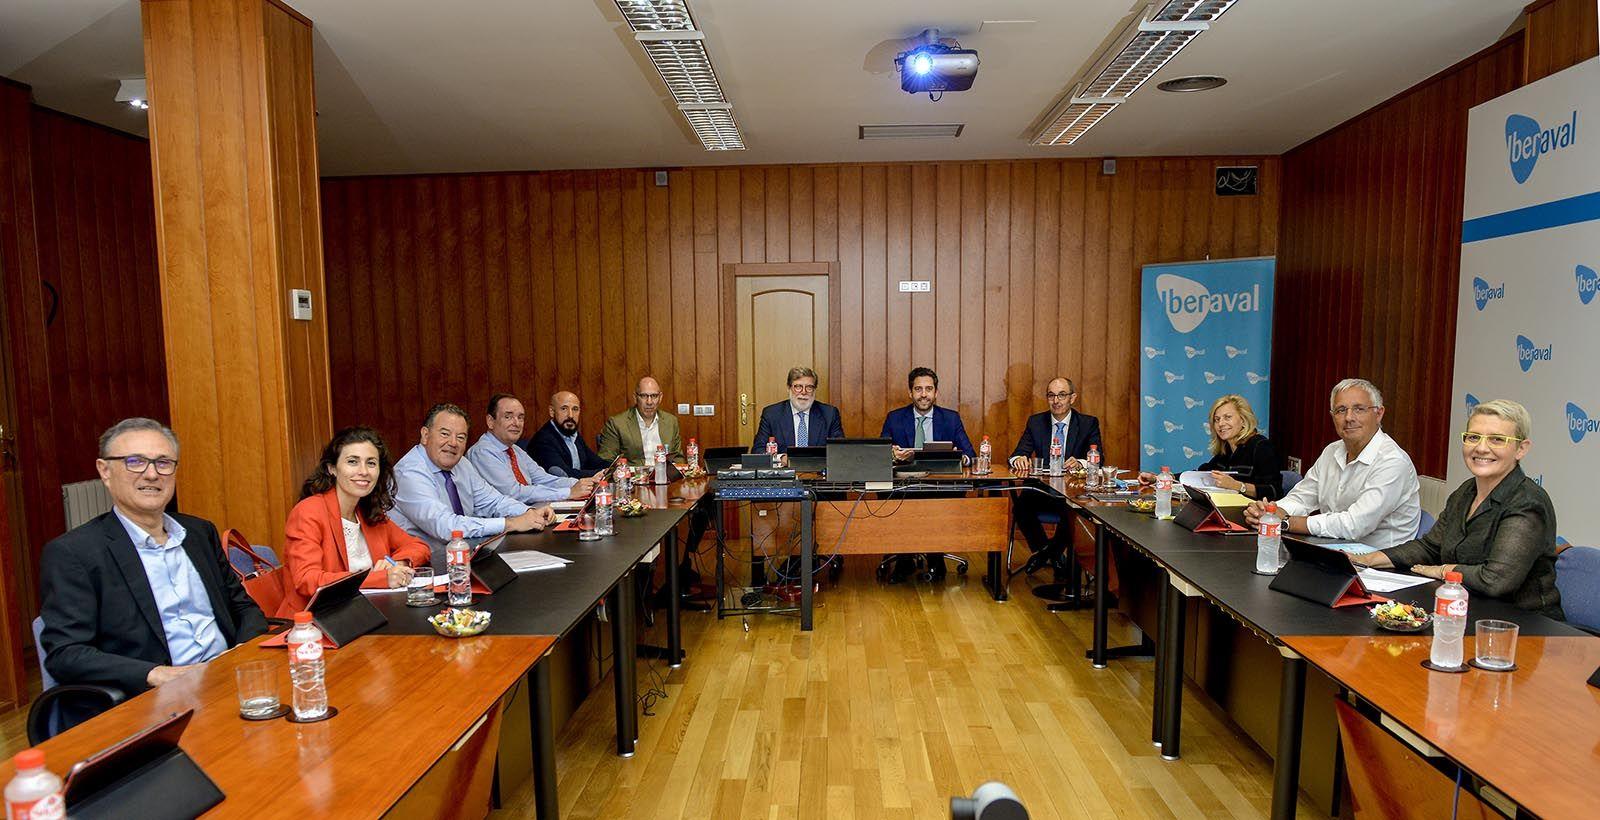 Consejo de Administración de Iberaval